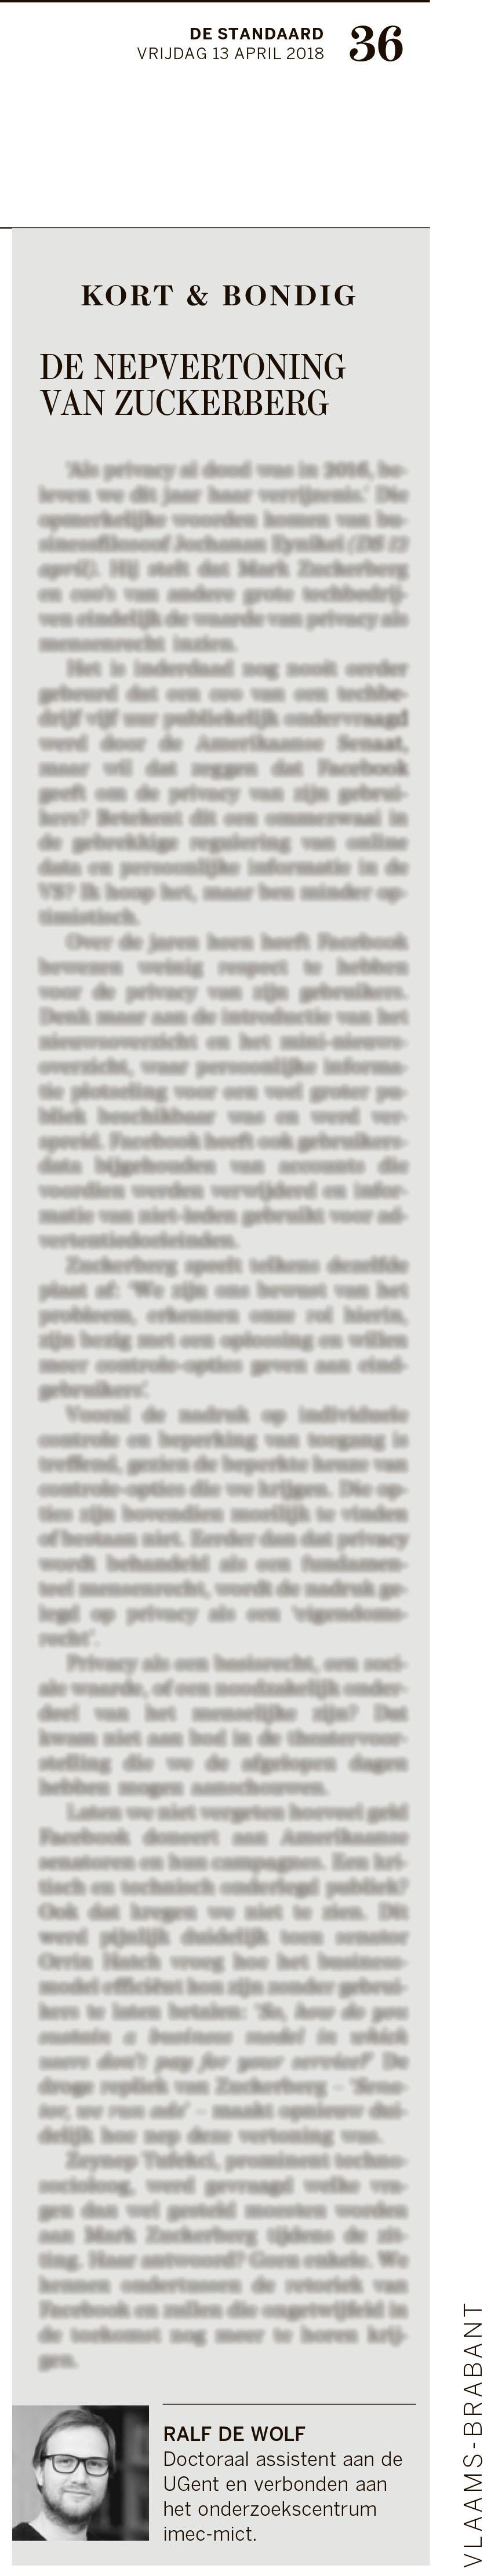 BRON: De Standaard, 13/04/2018, p 36